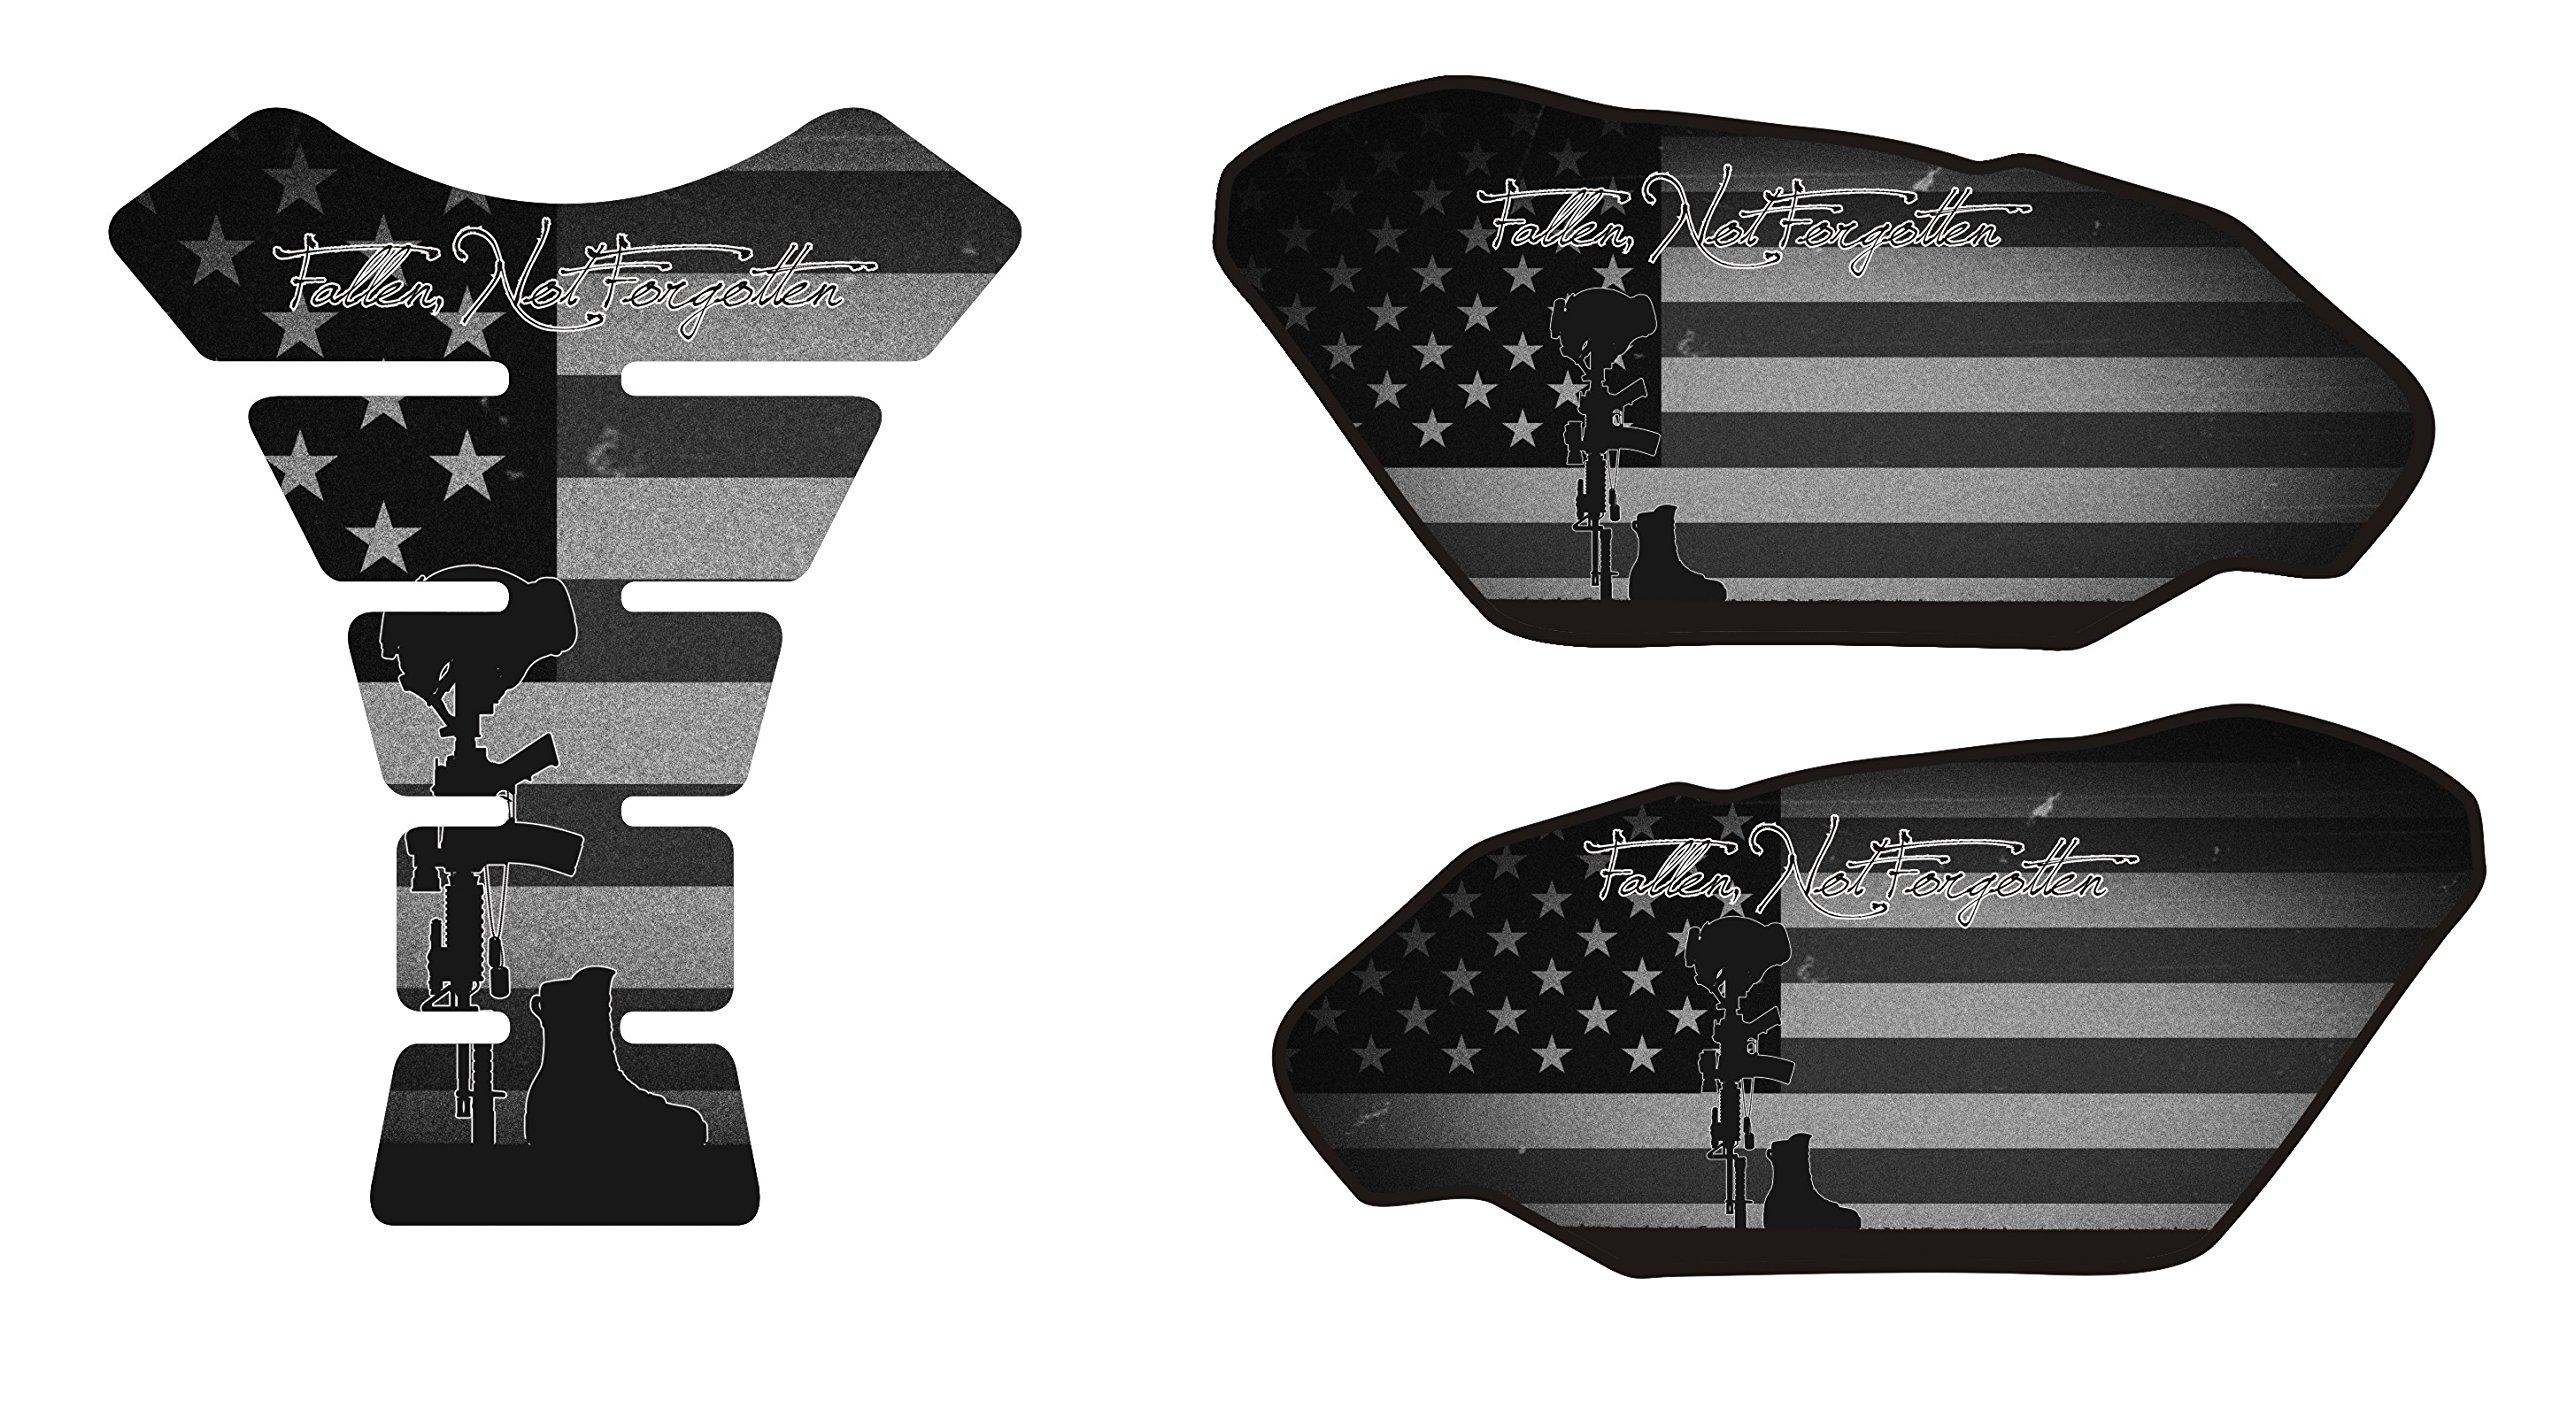 Fallen Soldier Black Motorcycle Tank Pad Side Protectors and Center Tank Pad Kit Universal Compatible with Honda Yamaha Kawasaki Triump Suzuki Motorcycles Protection